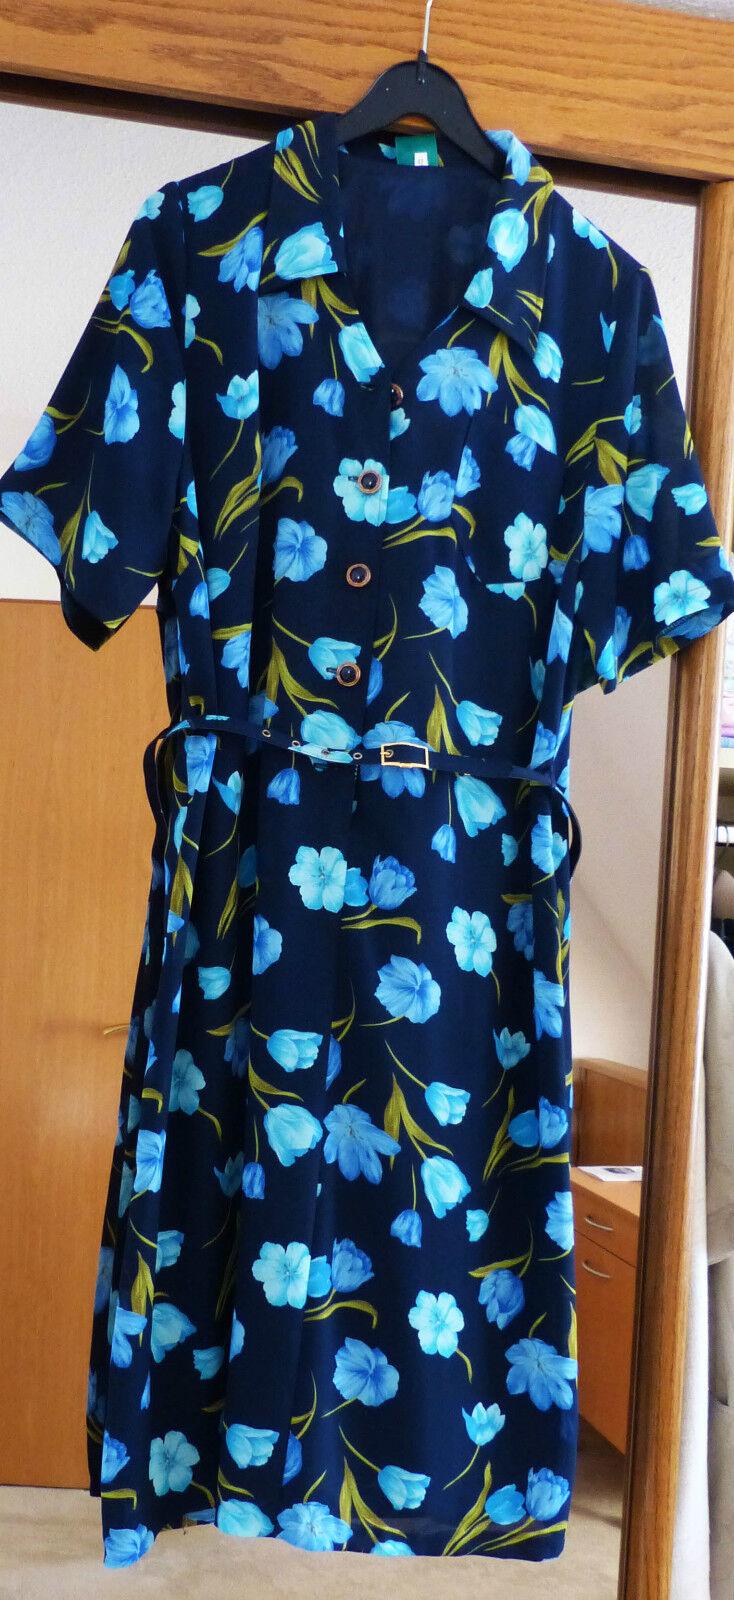 Kleid Blaumen Blau Canda 42 Neu  C&A Blaumenkleid Hochzeit Standesamt Feier Tai